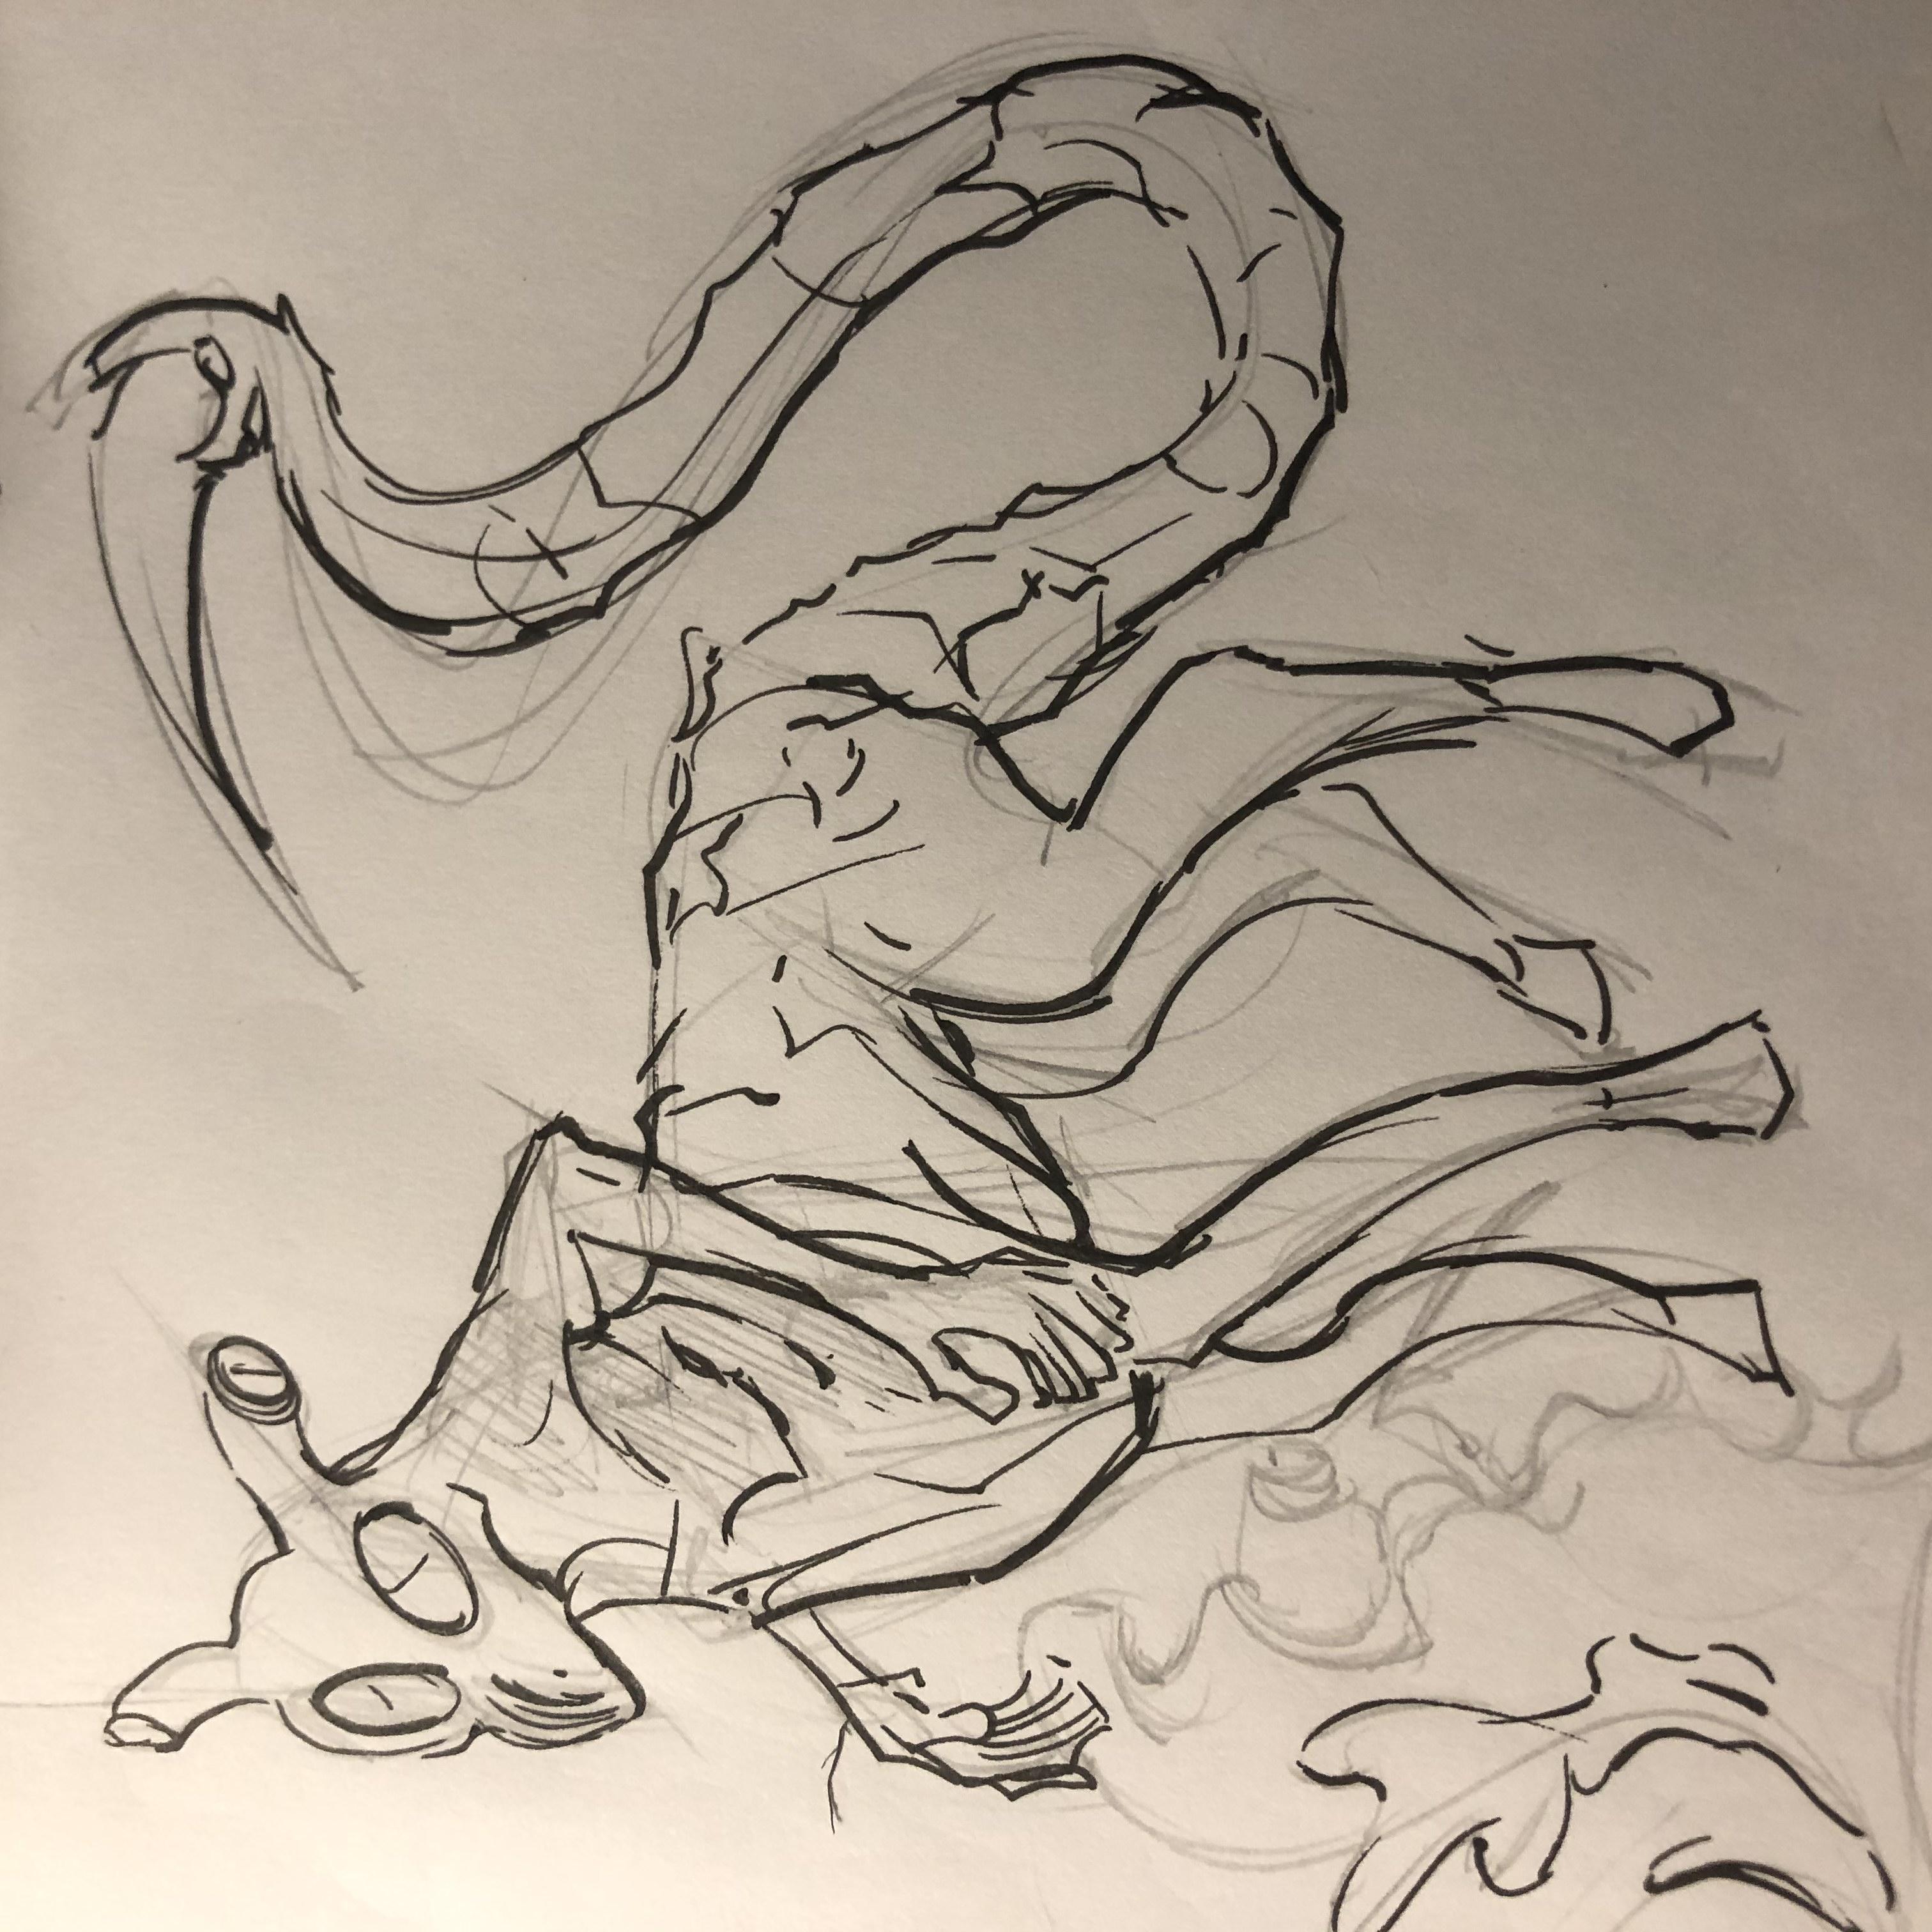 Andalite sketch by @SKY99R